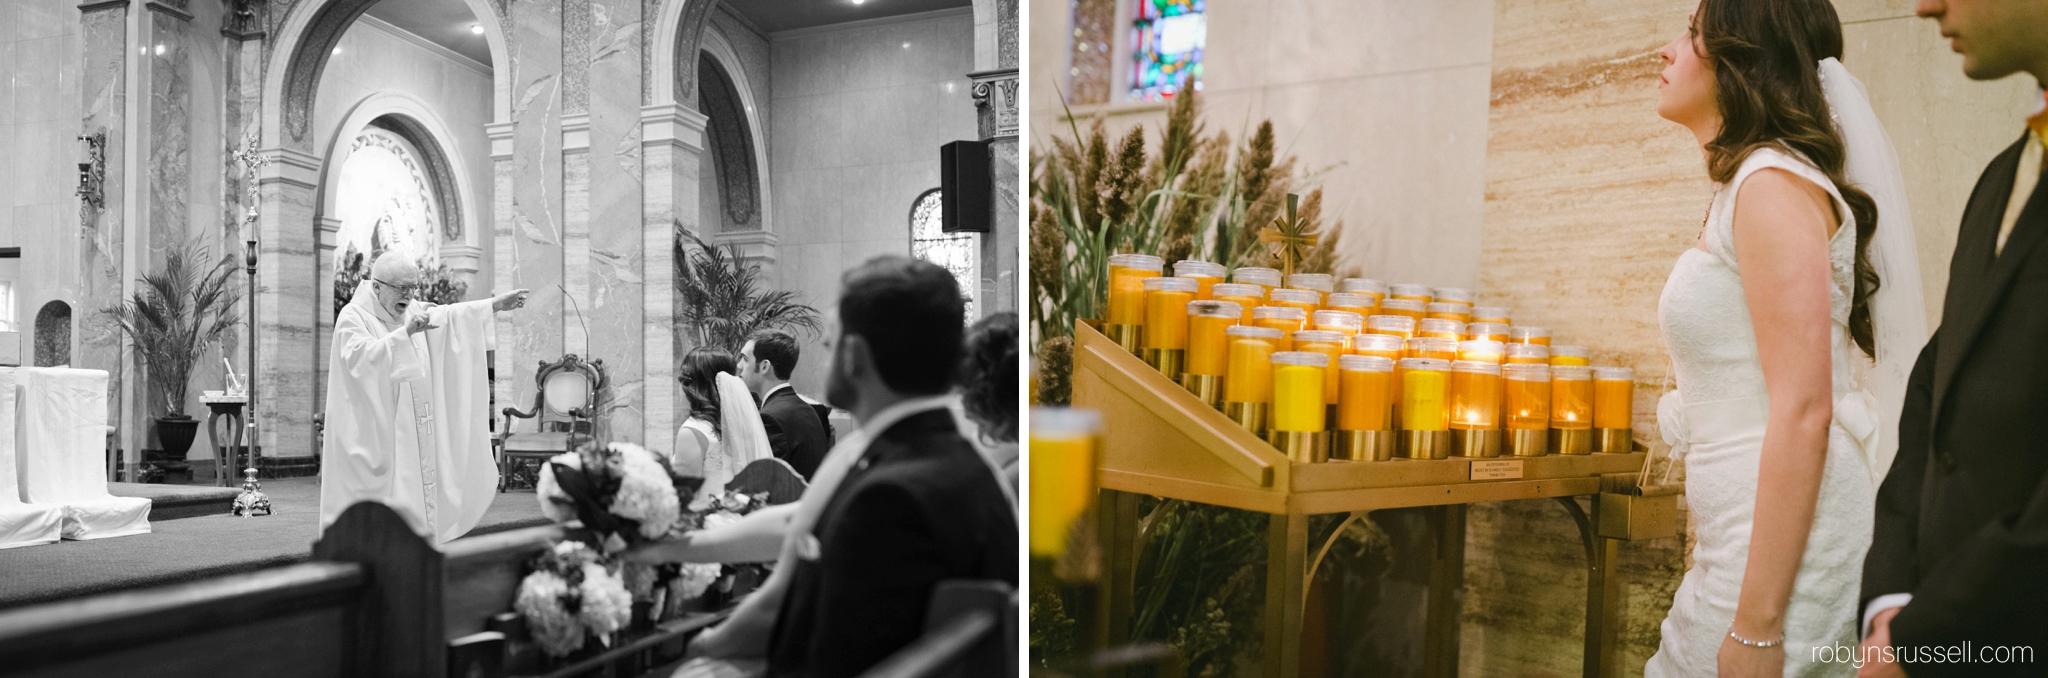 22-priest-marrying-bride-and-groom-lighting-candles.jpg